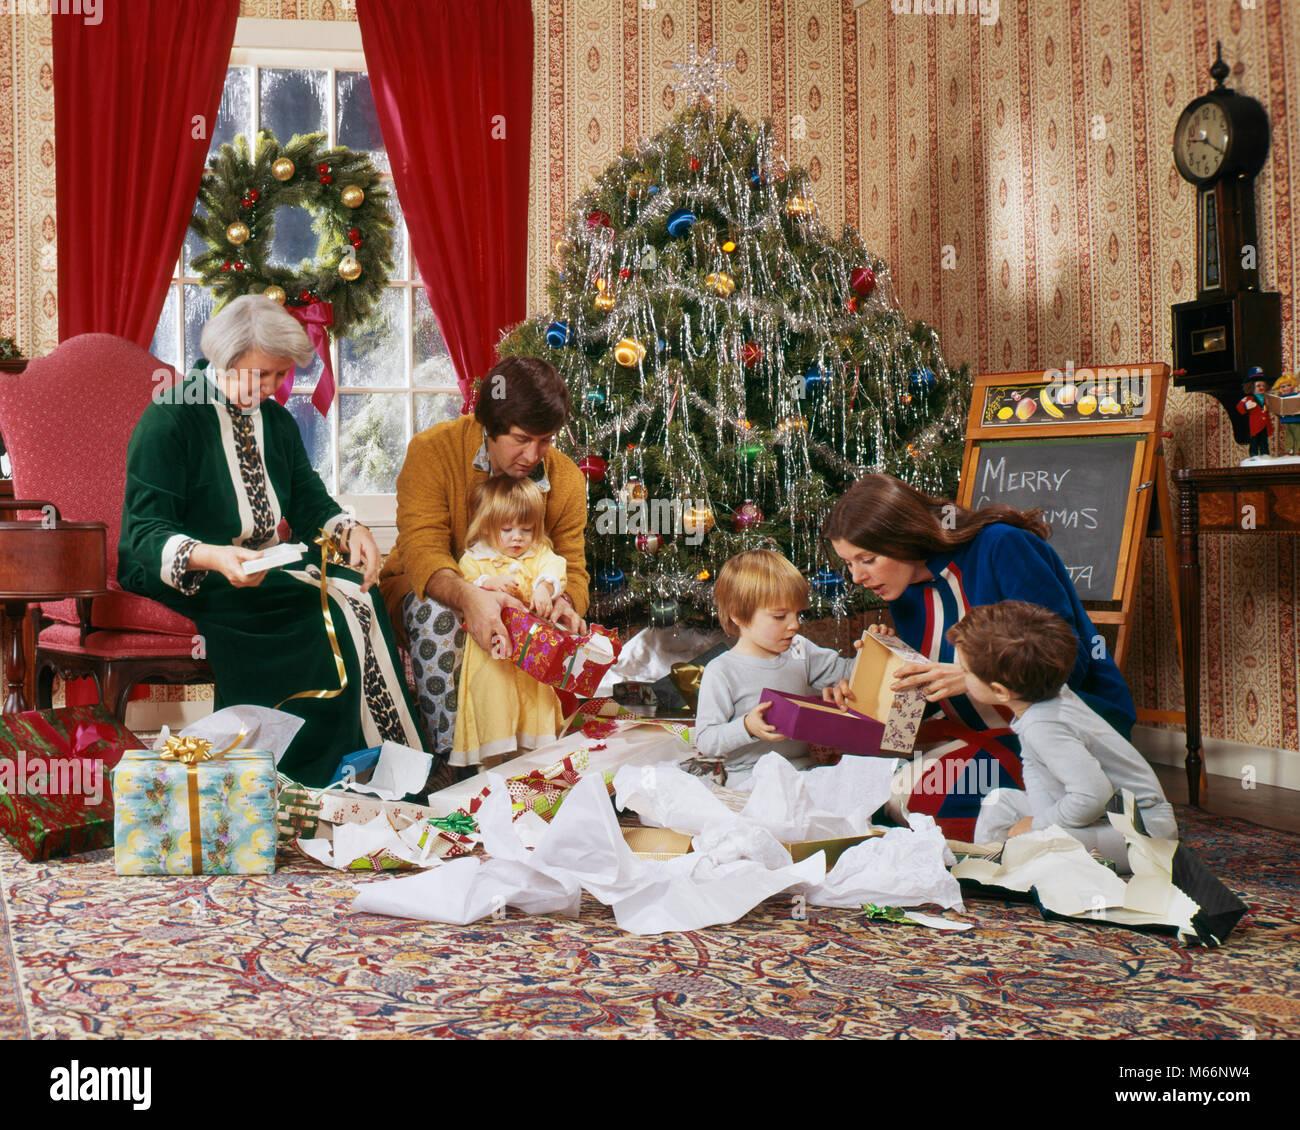 Foto Di Natale Anni 60.Negli Anni Settanta L Apertura Della Famiglia Presenta La Mattina Di